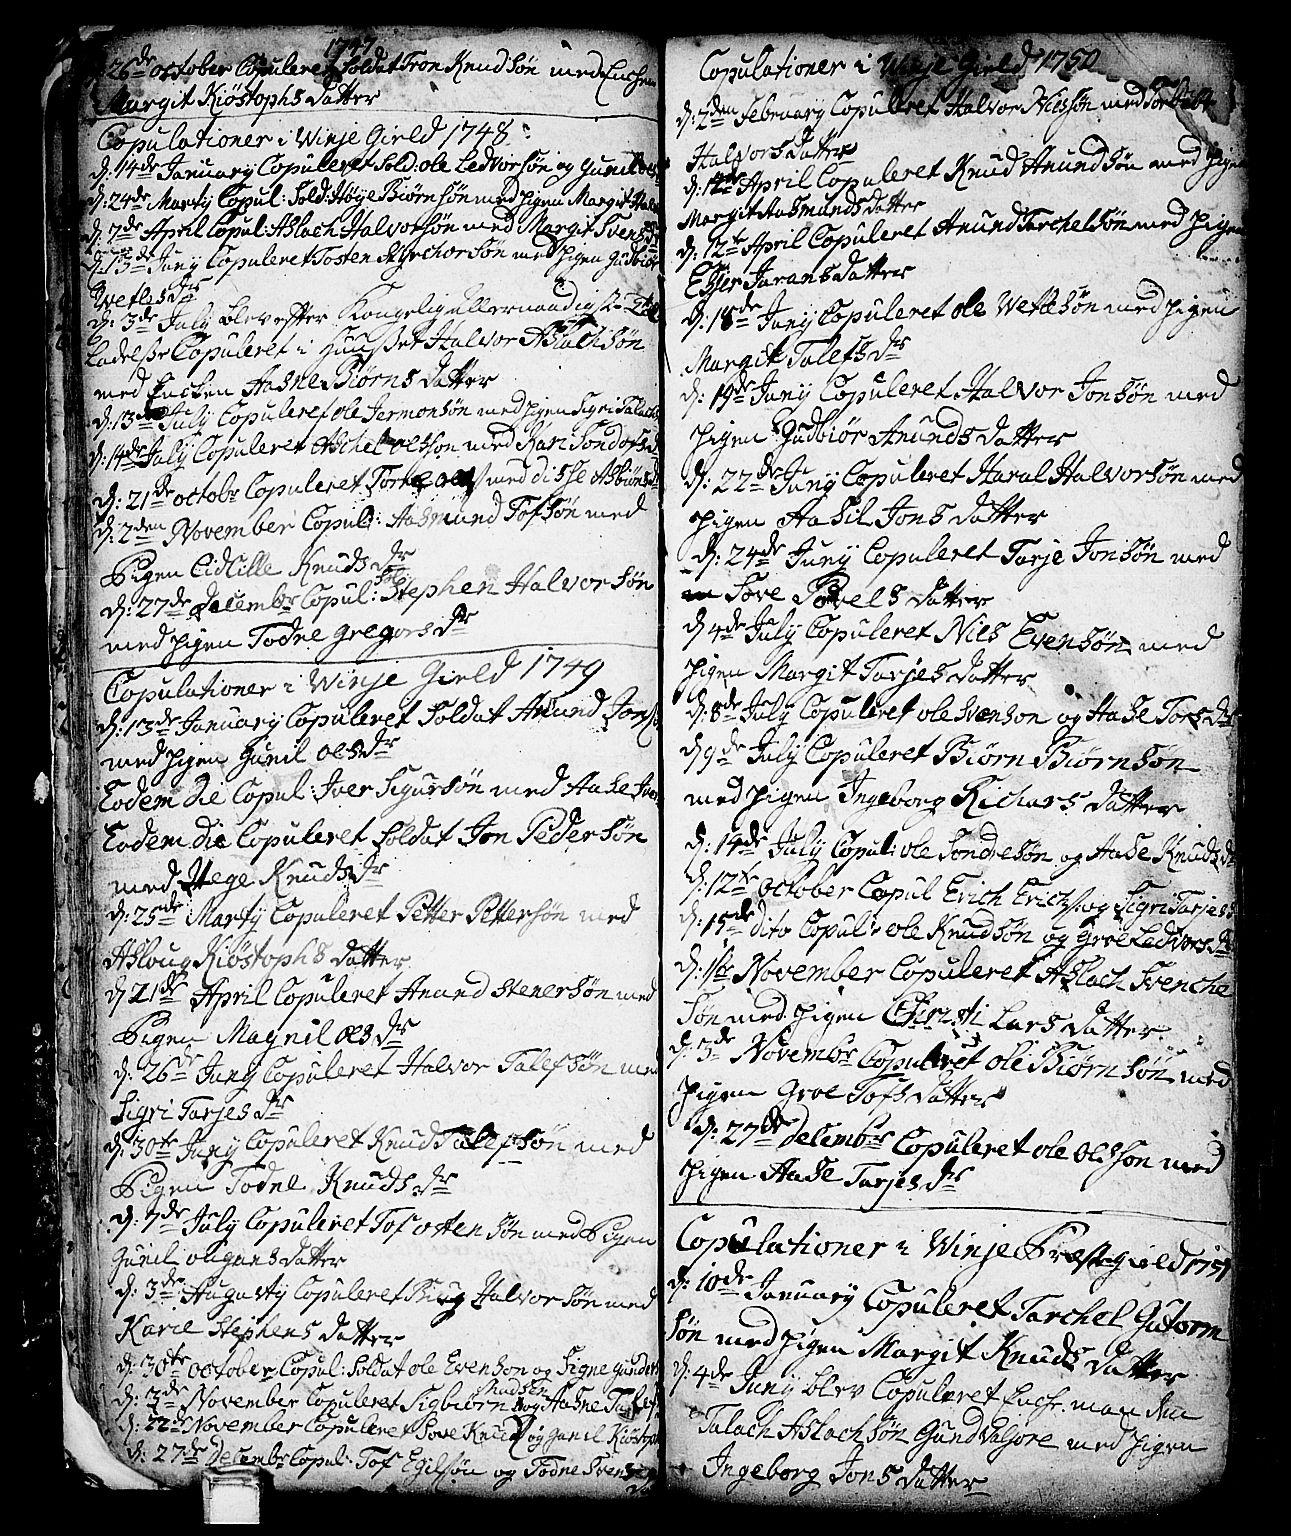 SAKO, Vinje kirkebøker, F/Fa/L0001: Ministerialbok nr. I 1, 1717-1766, s. 37